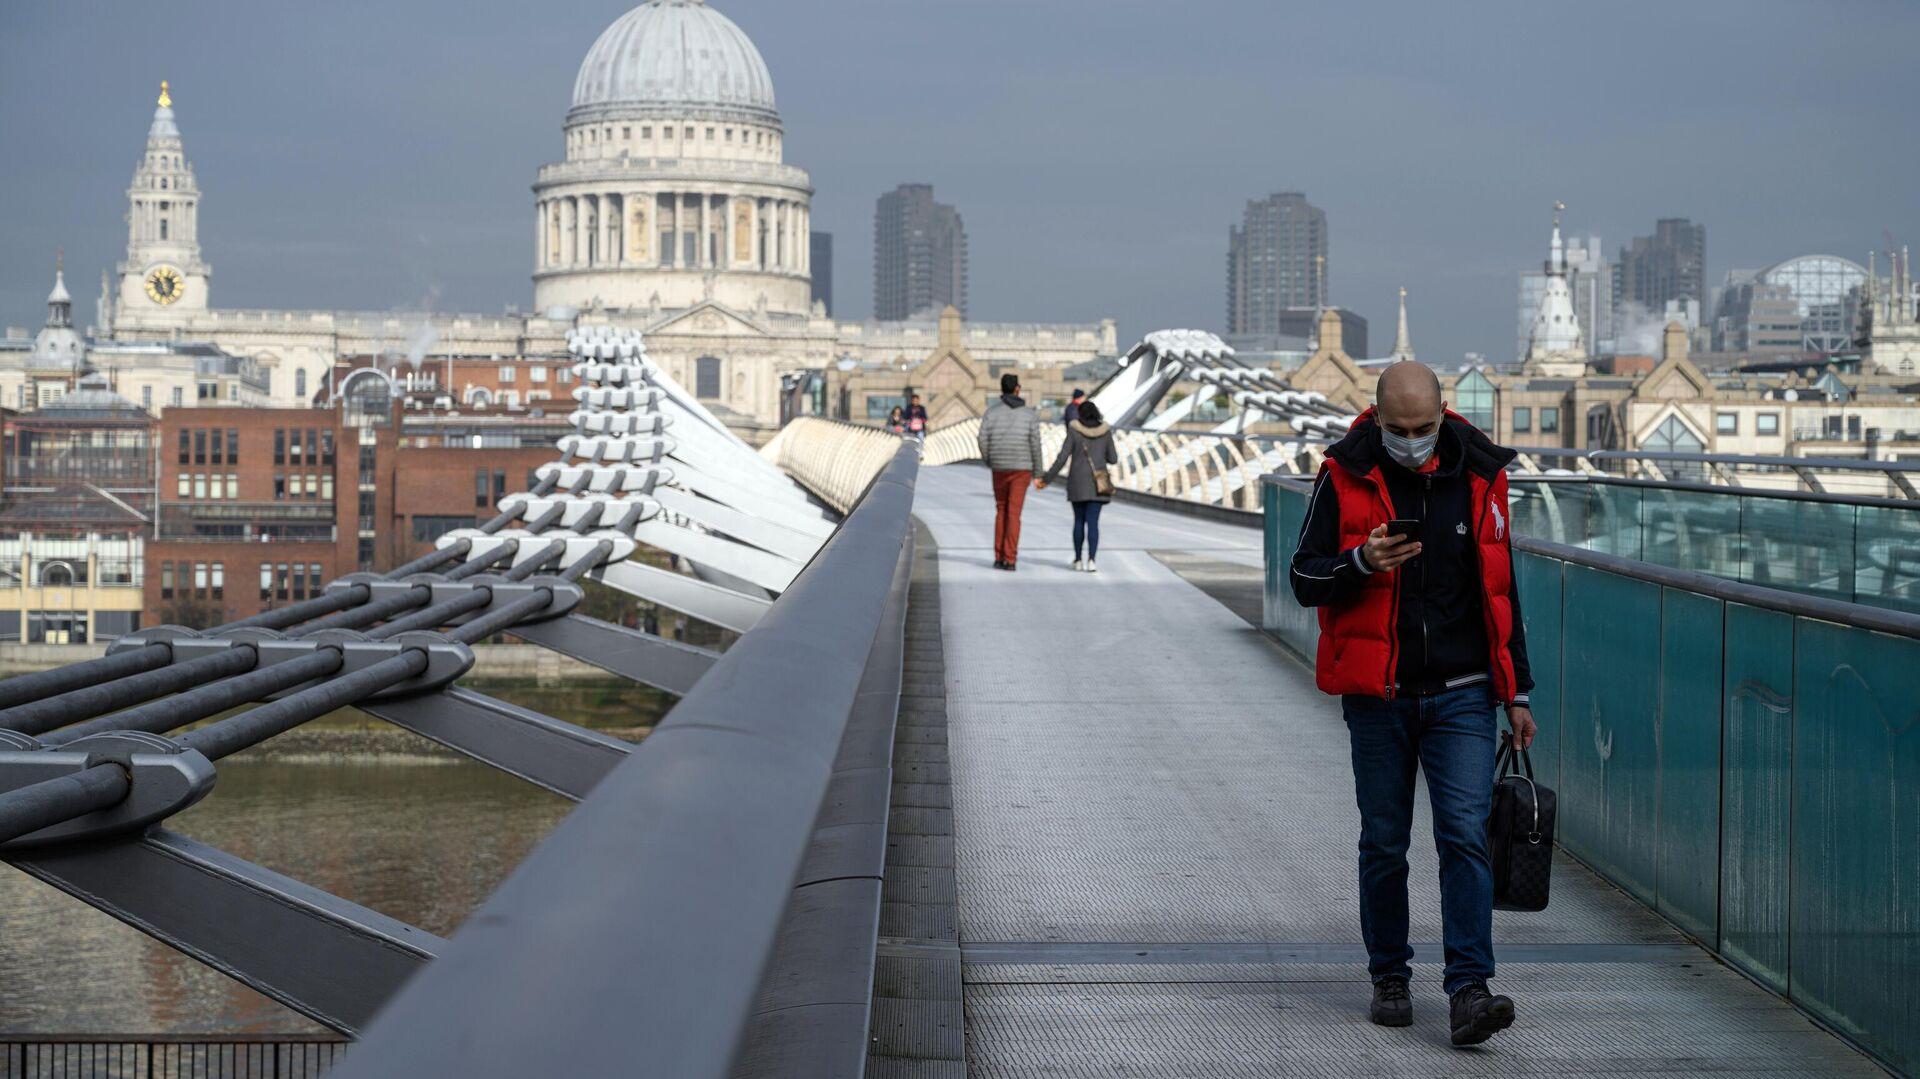 Прохожие на мосту Тысячелетия в Лондоне во время карантина, введенного в связи с коронавирусом - РИА Новости, 1920, 01.12.2020